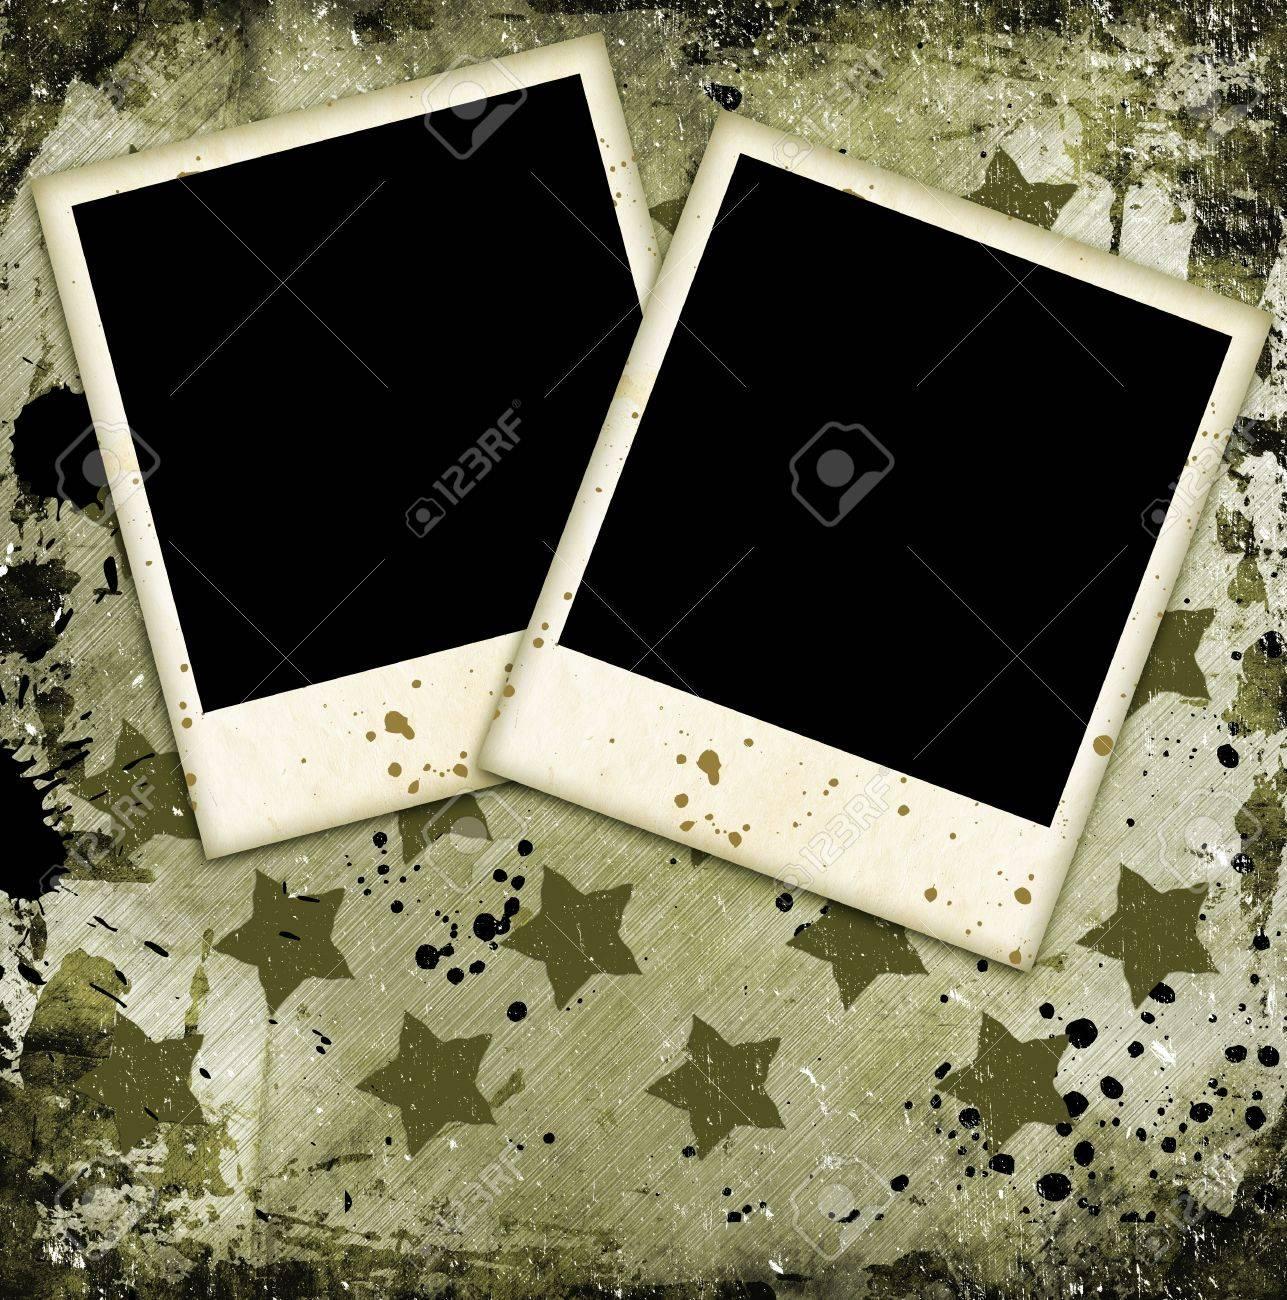 Zwei Bilderrahmen Auf Militärische Grunge Background Lizenzfreie ...